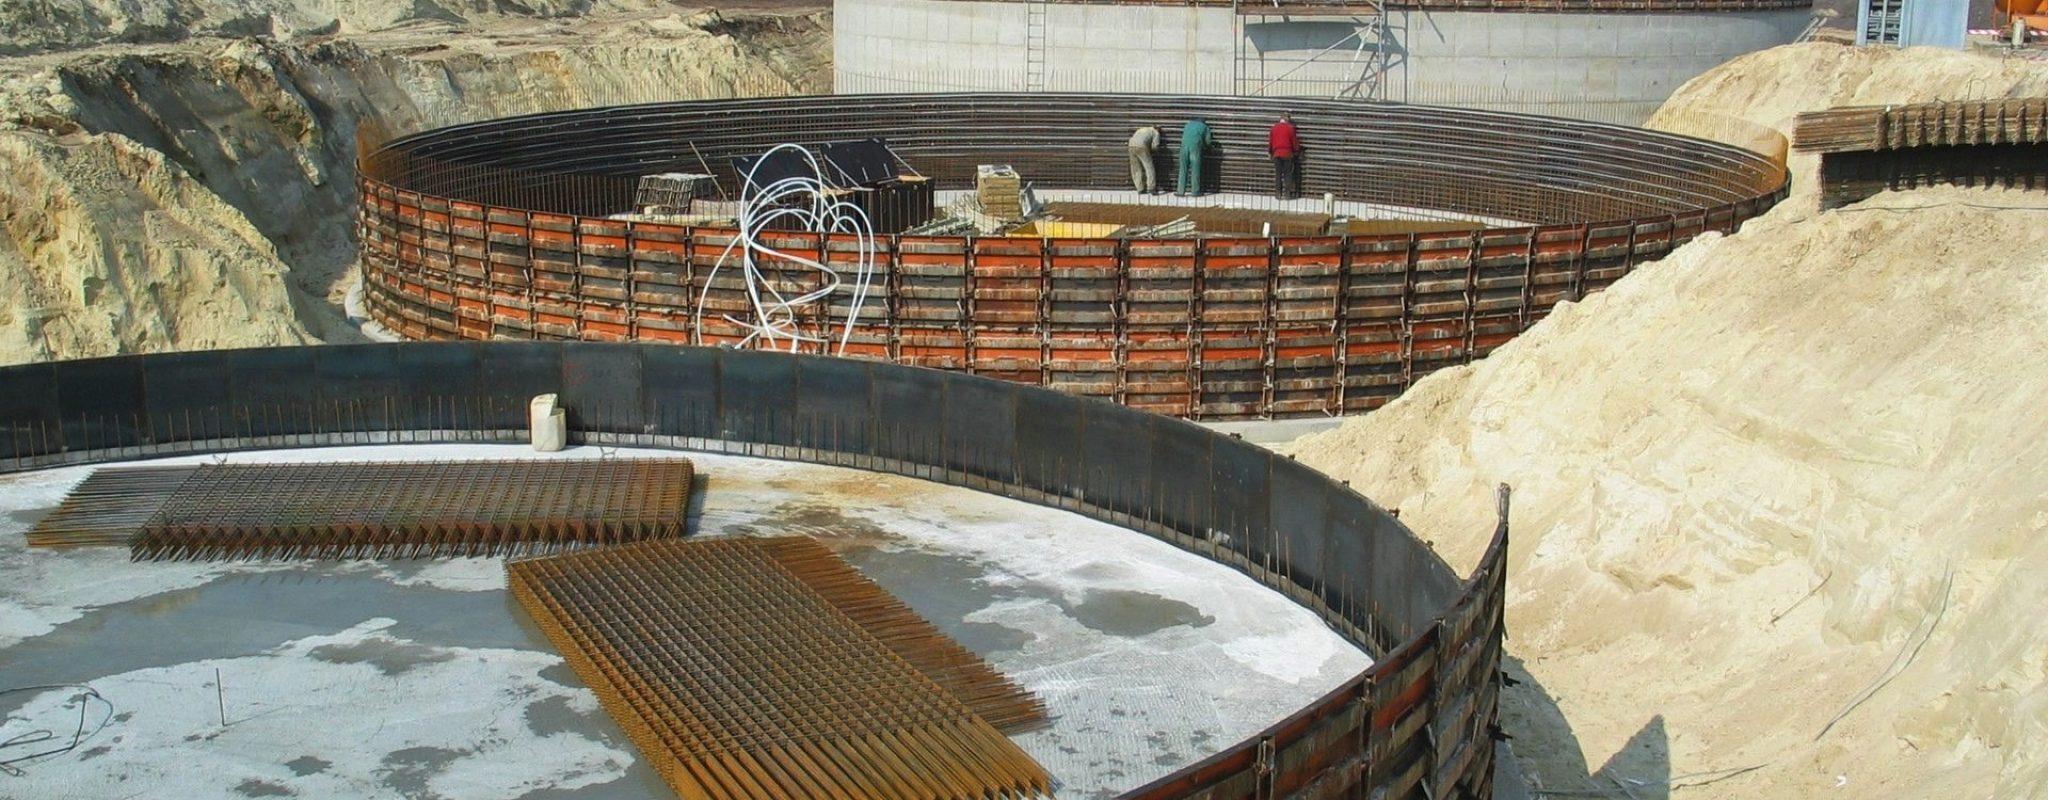 Gutachten Biogasanlage - Expert reports